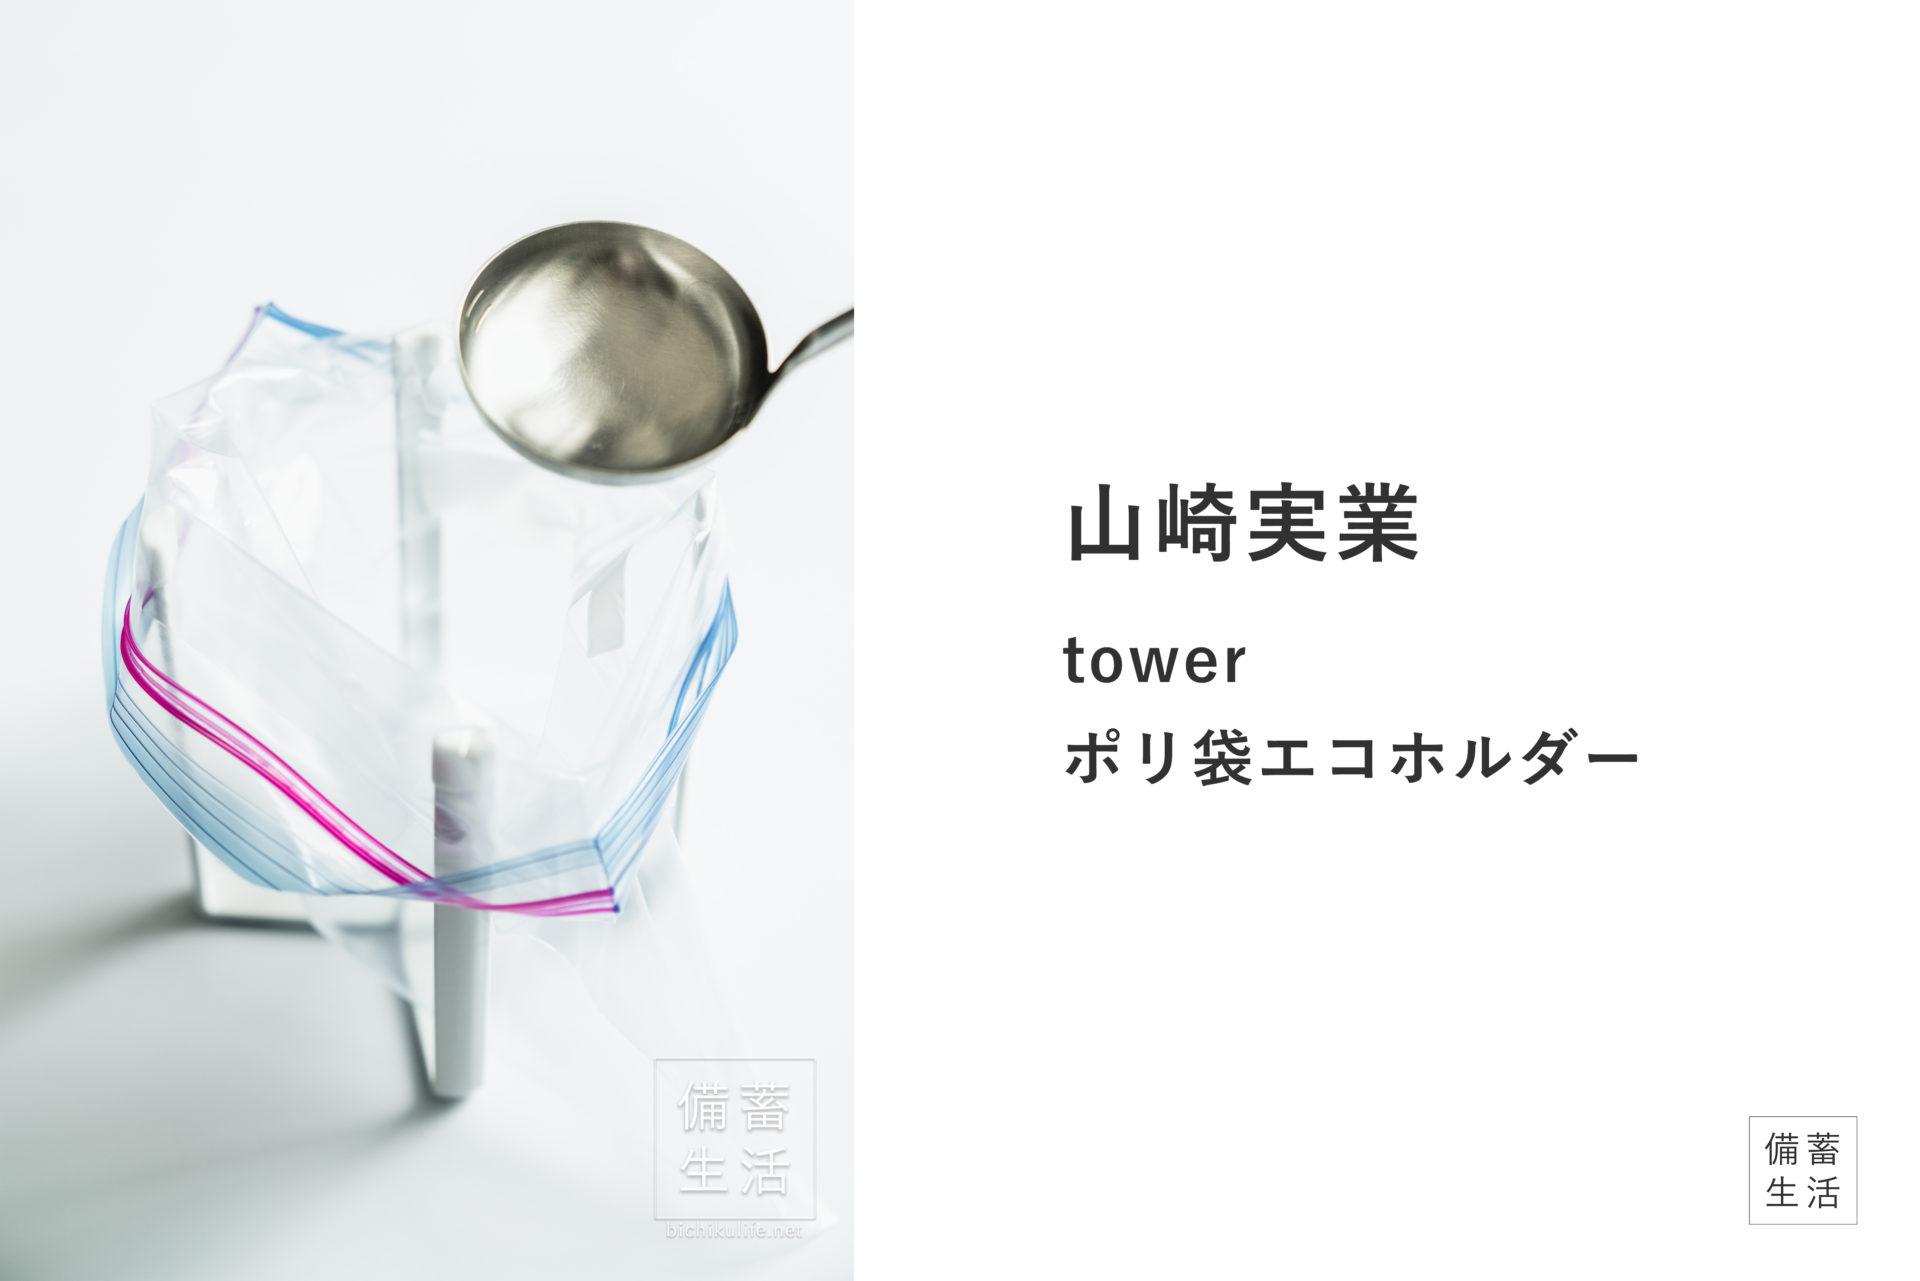 山崎実業 tower ポリ袋エコホルダーは1人3役の優れもの